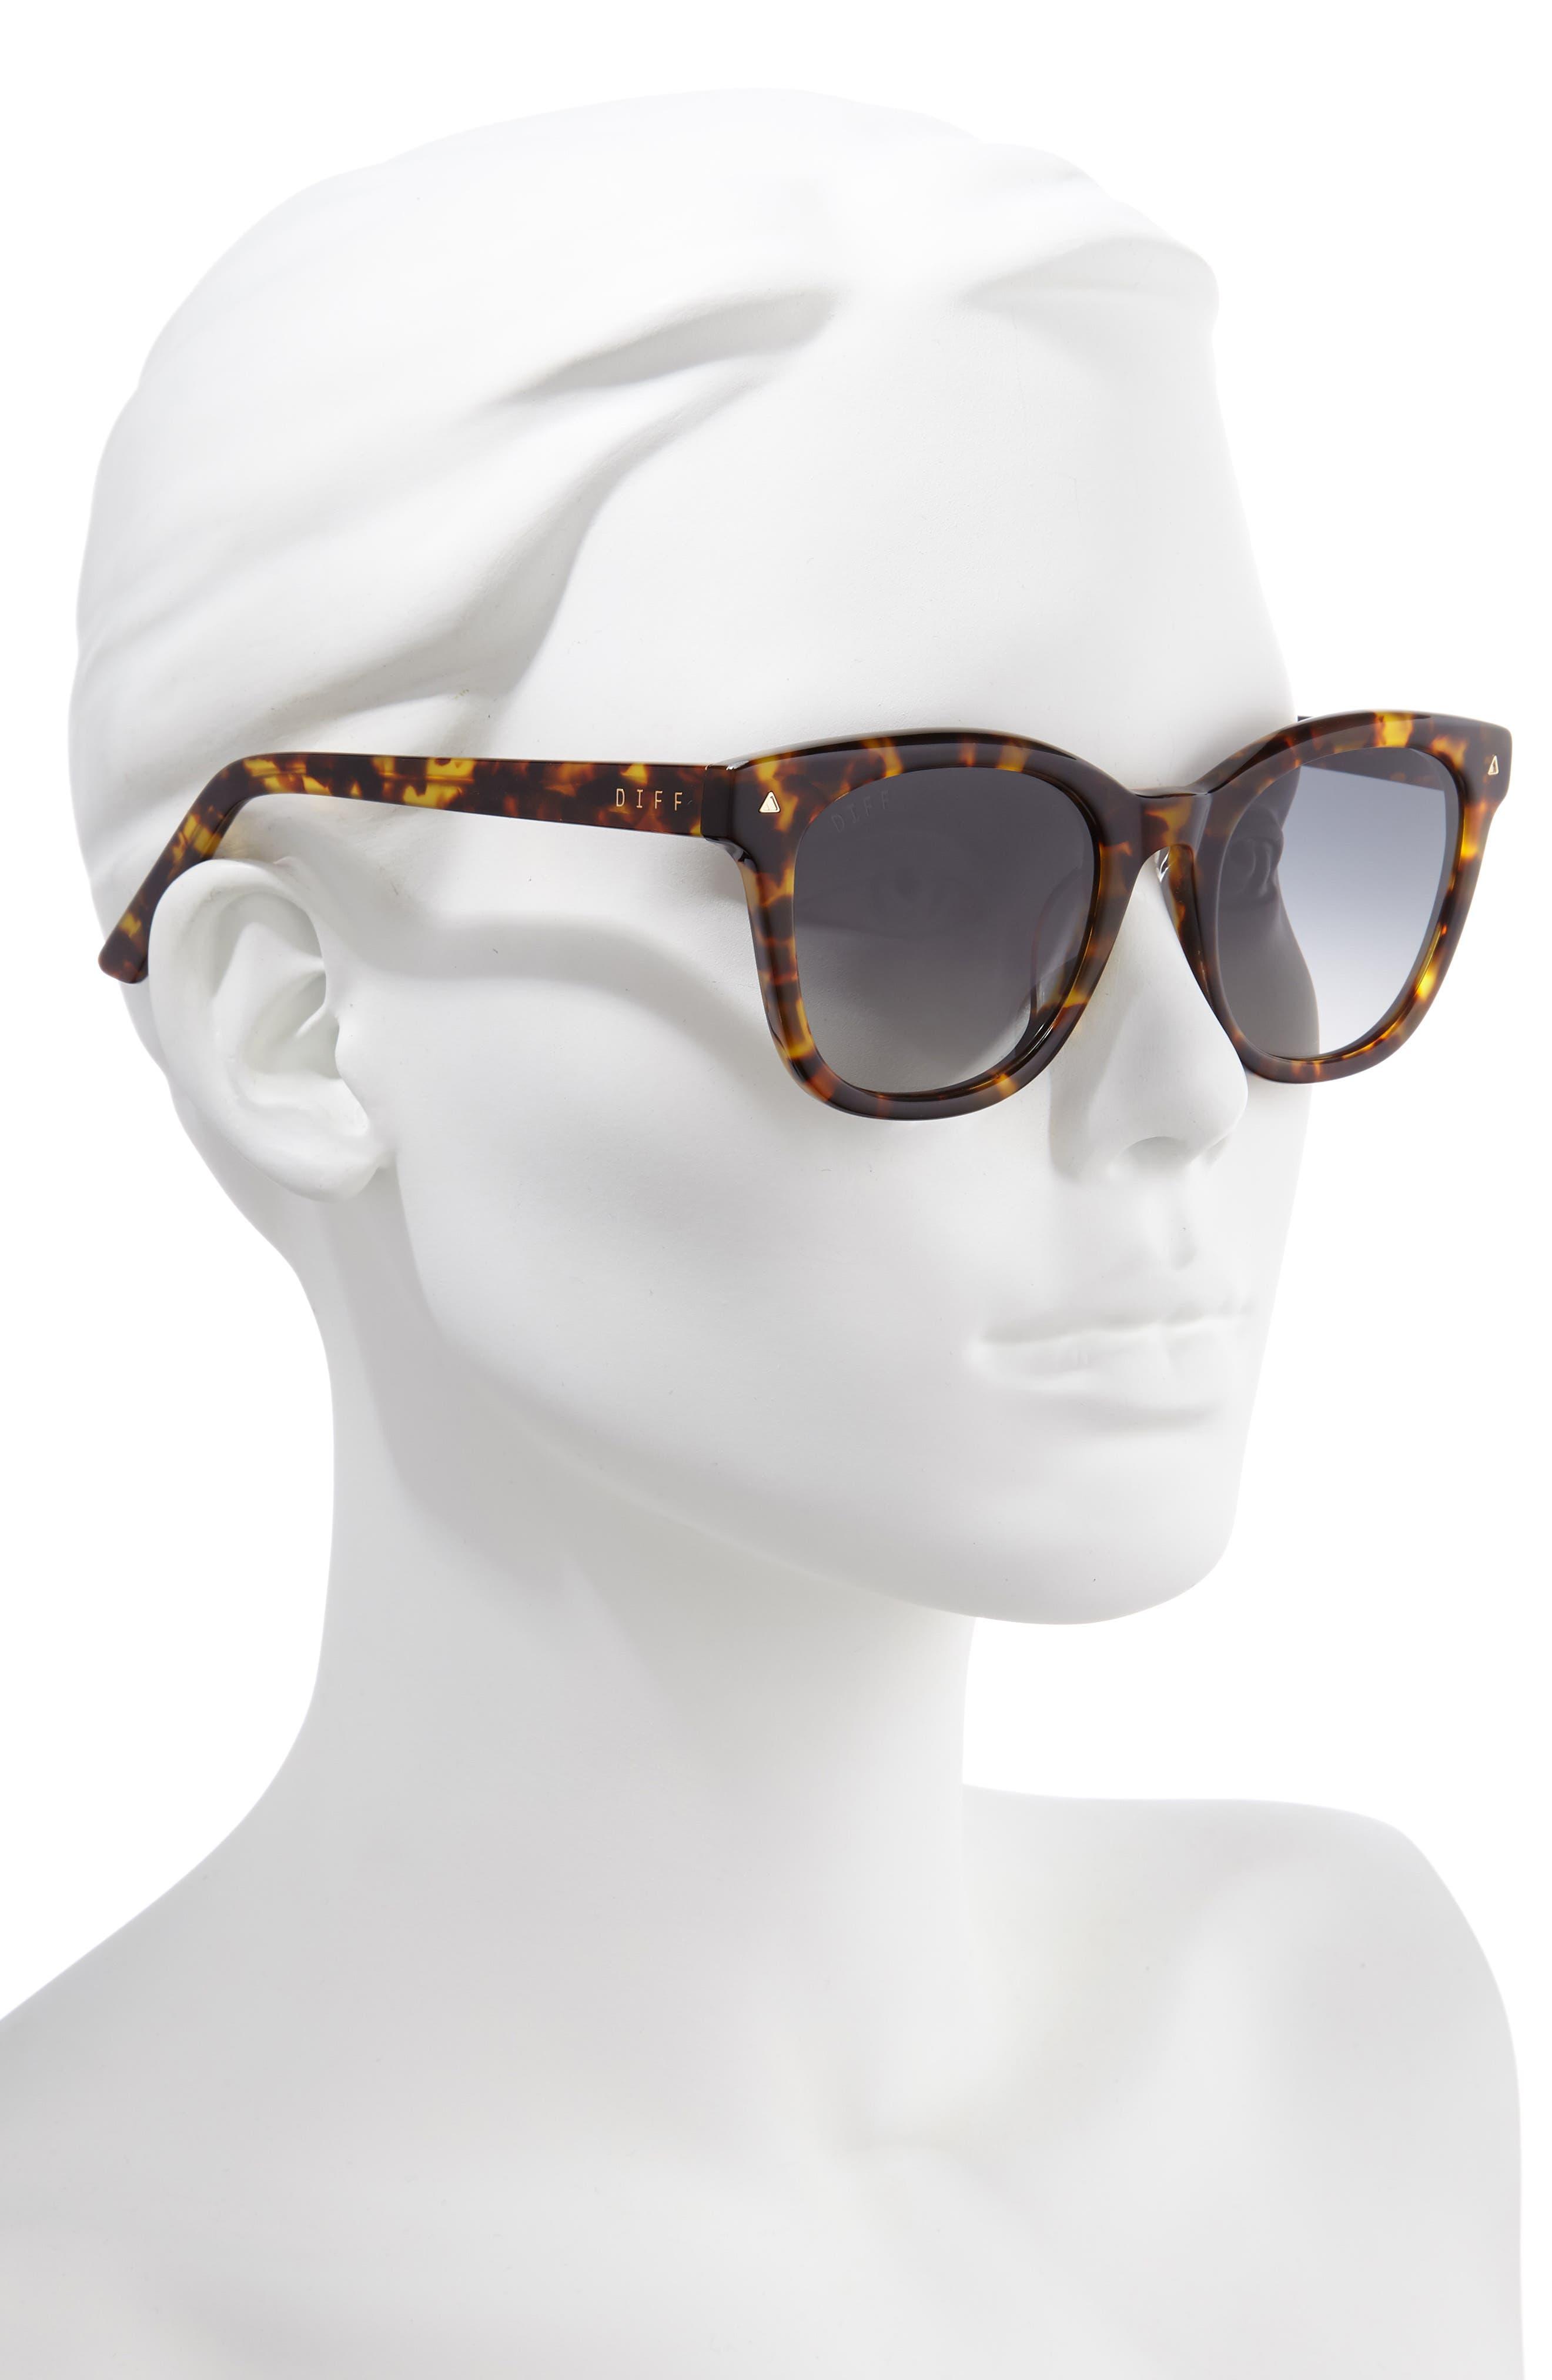 a2cd5102eb9de Women s DIFF Sunglasses Under  100